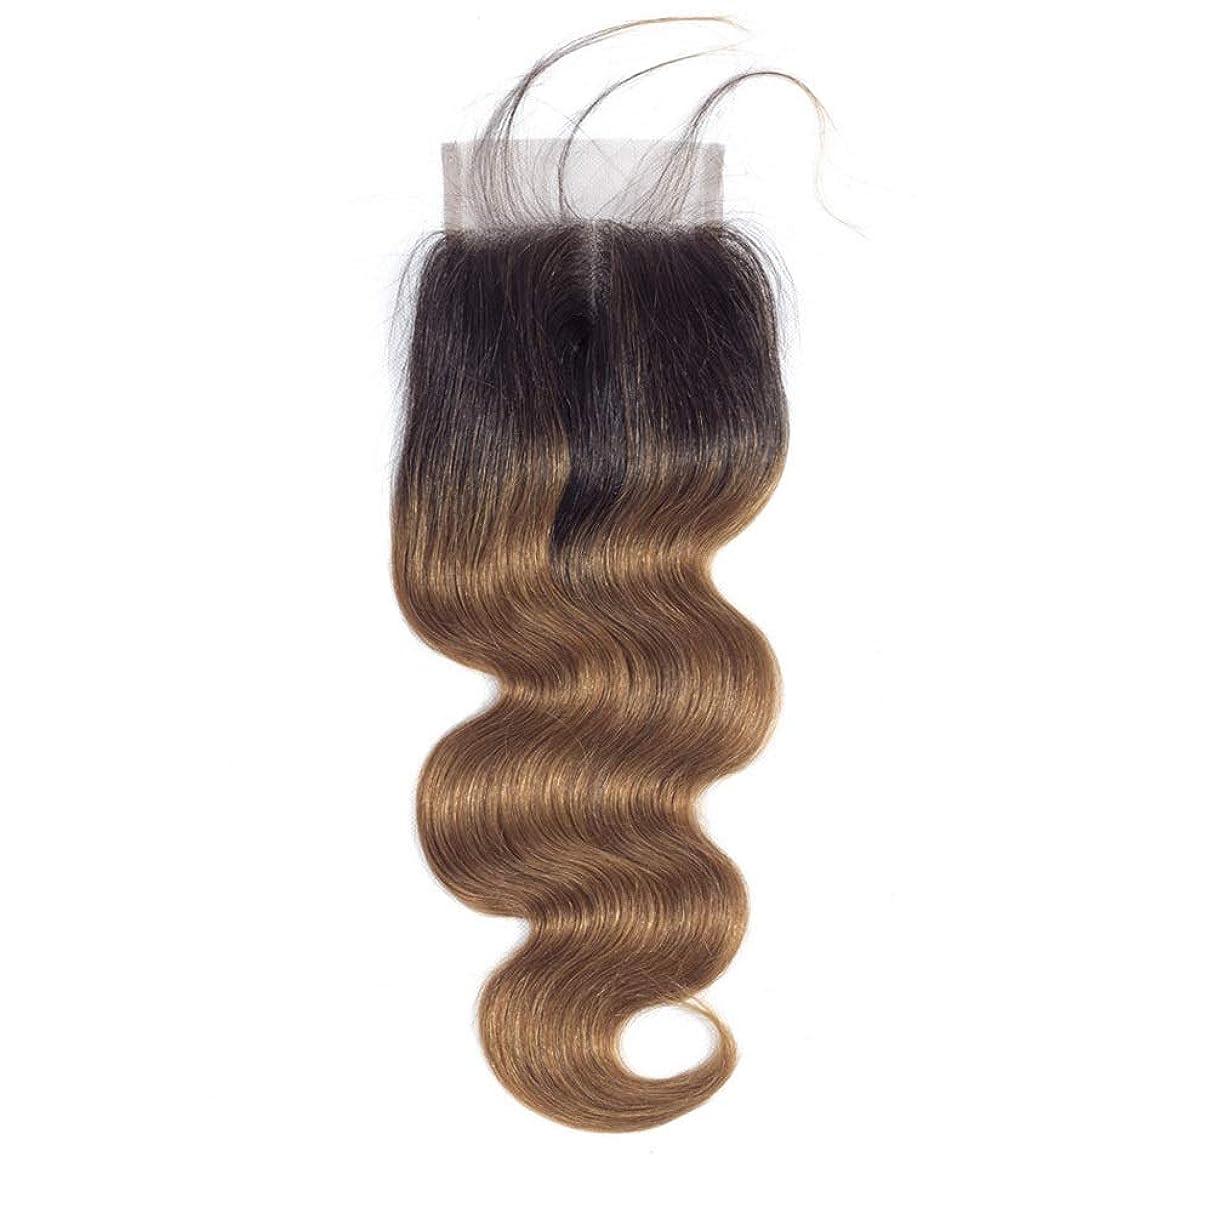 スクラッチイノセンスゴネリルYrattary 実体波の毛4x4の人間の毛髪の閉鎖中間部1B / 30黒から茶色への2トーンカラーヘアエクステンション (色 : ブラウン, サイズ : 14 inch)